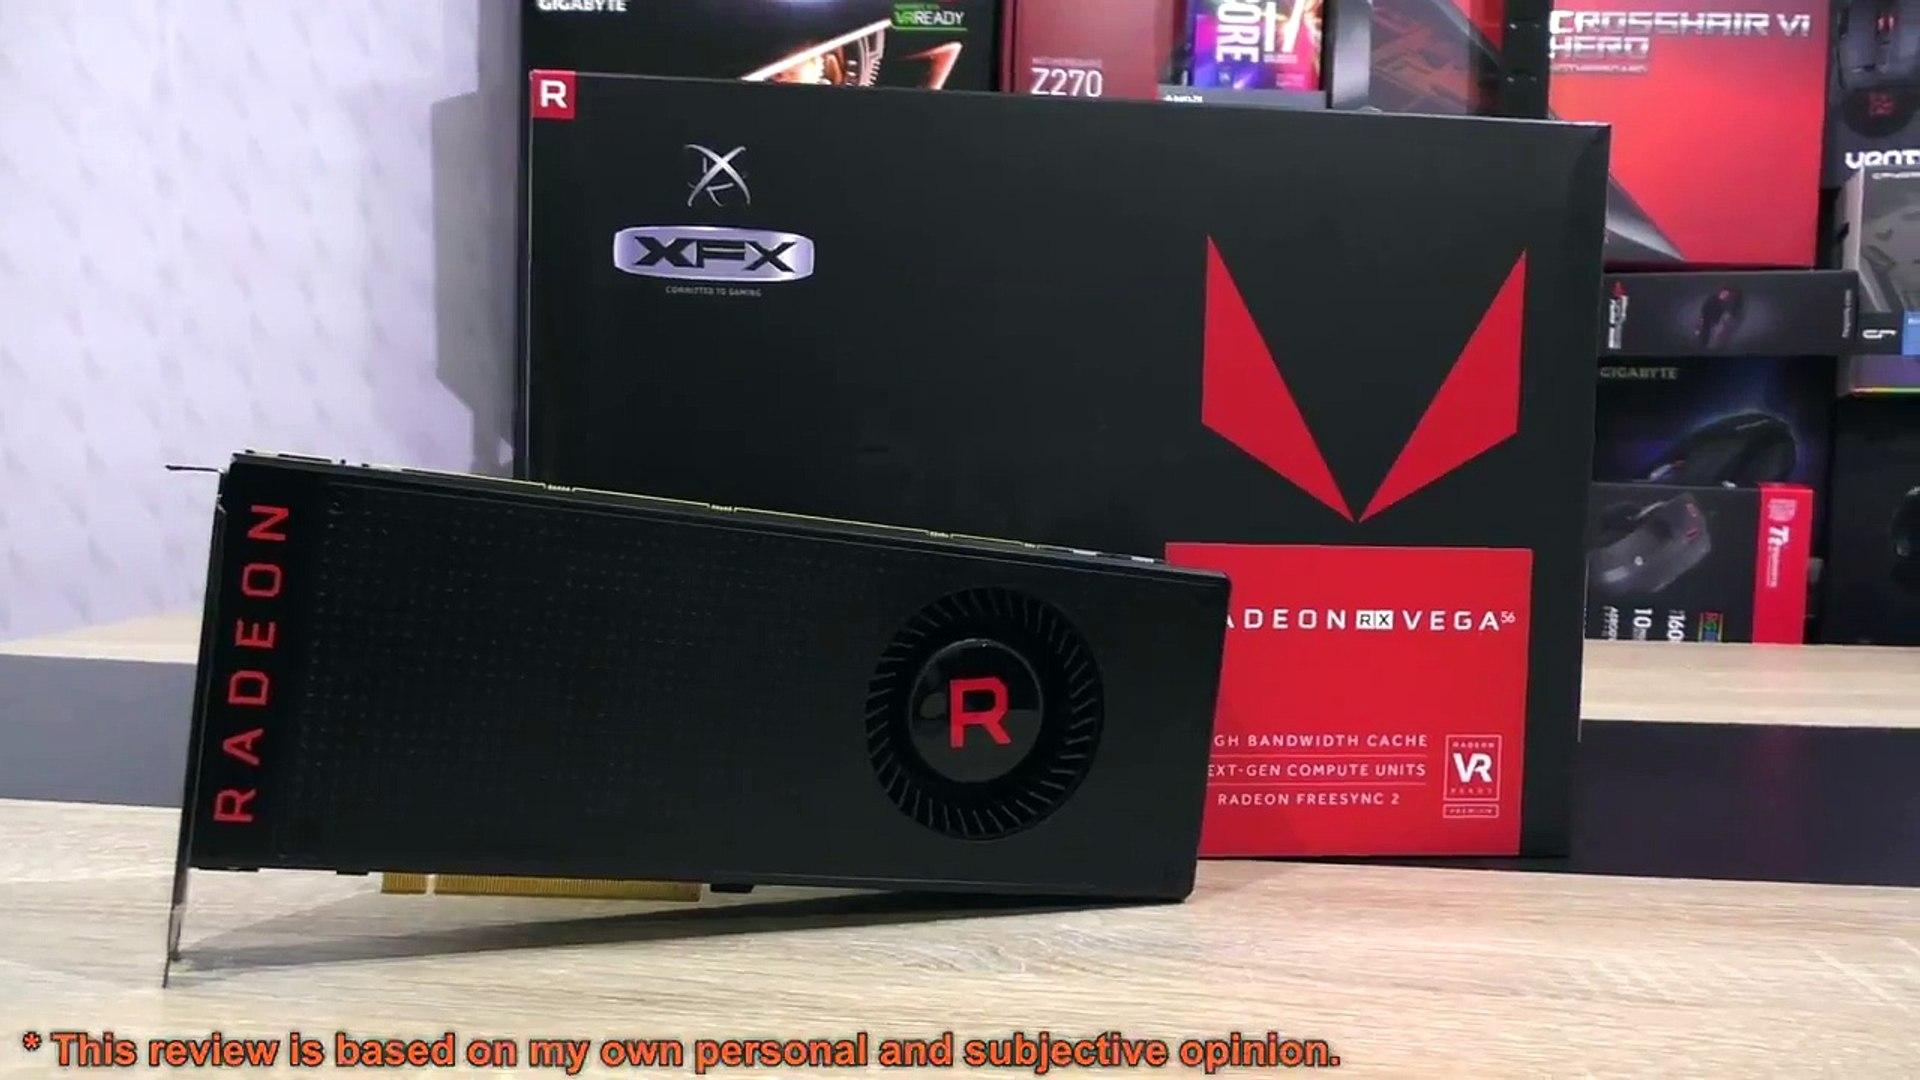 RX Vega 56 + Vega 64 BIOS + Overclock